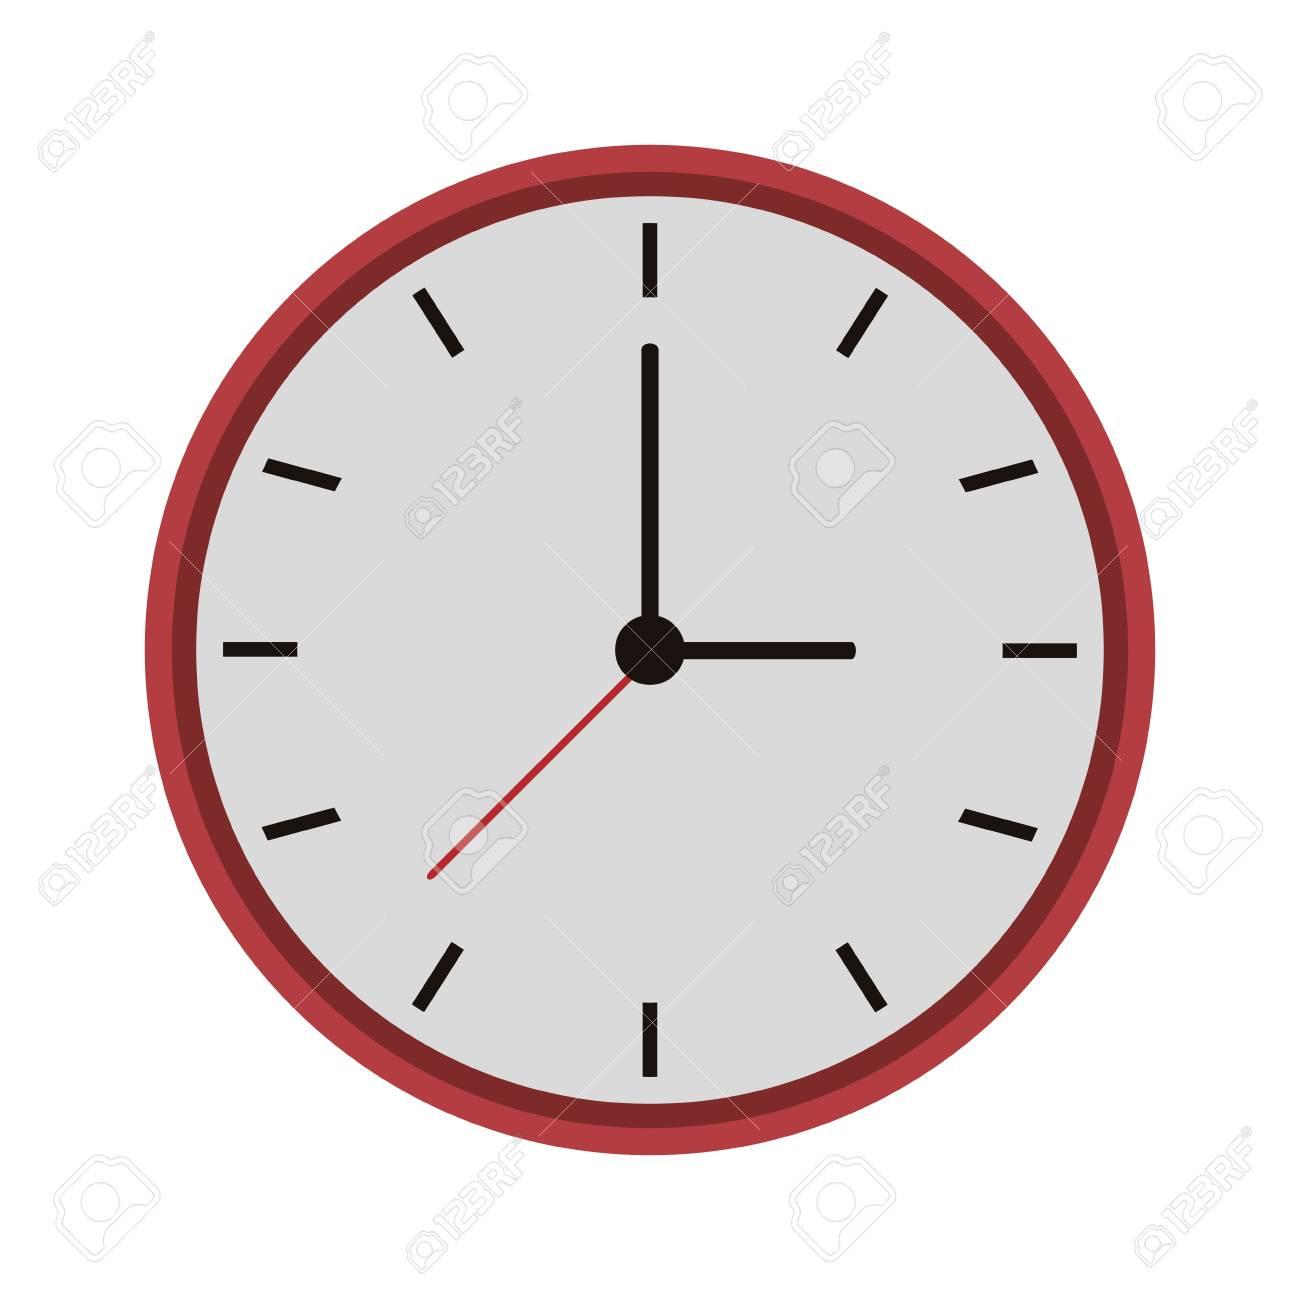 Reloj De Pared De Marco Rojo Con Ilustración En Blanco Vector De La ...